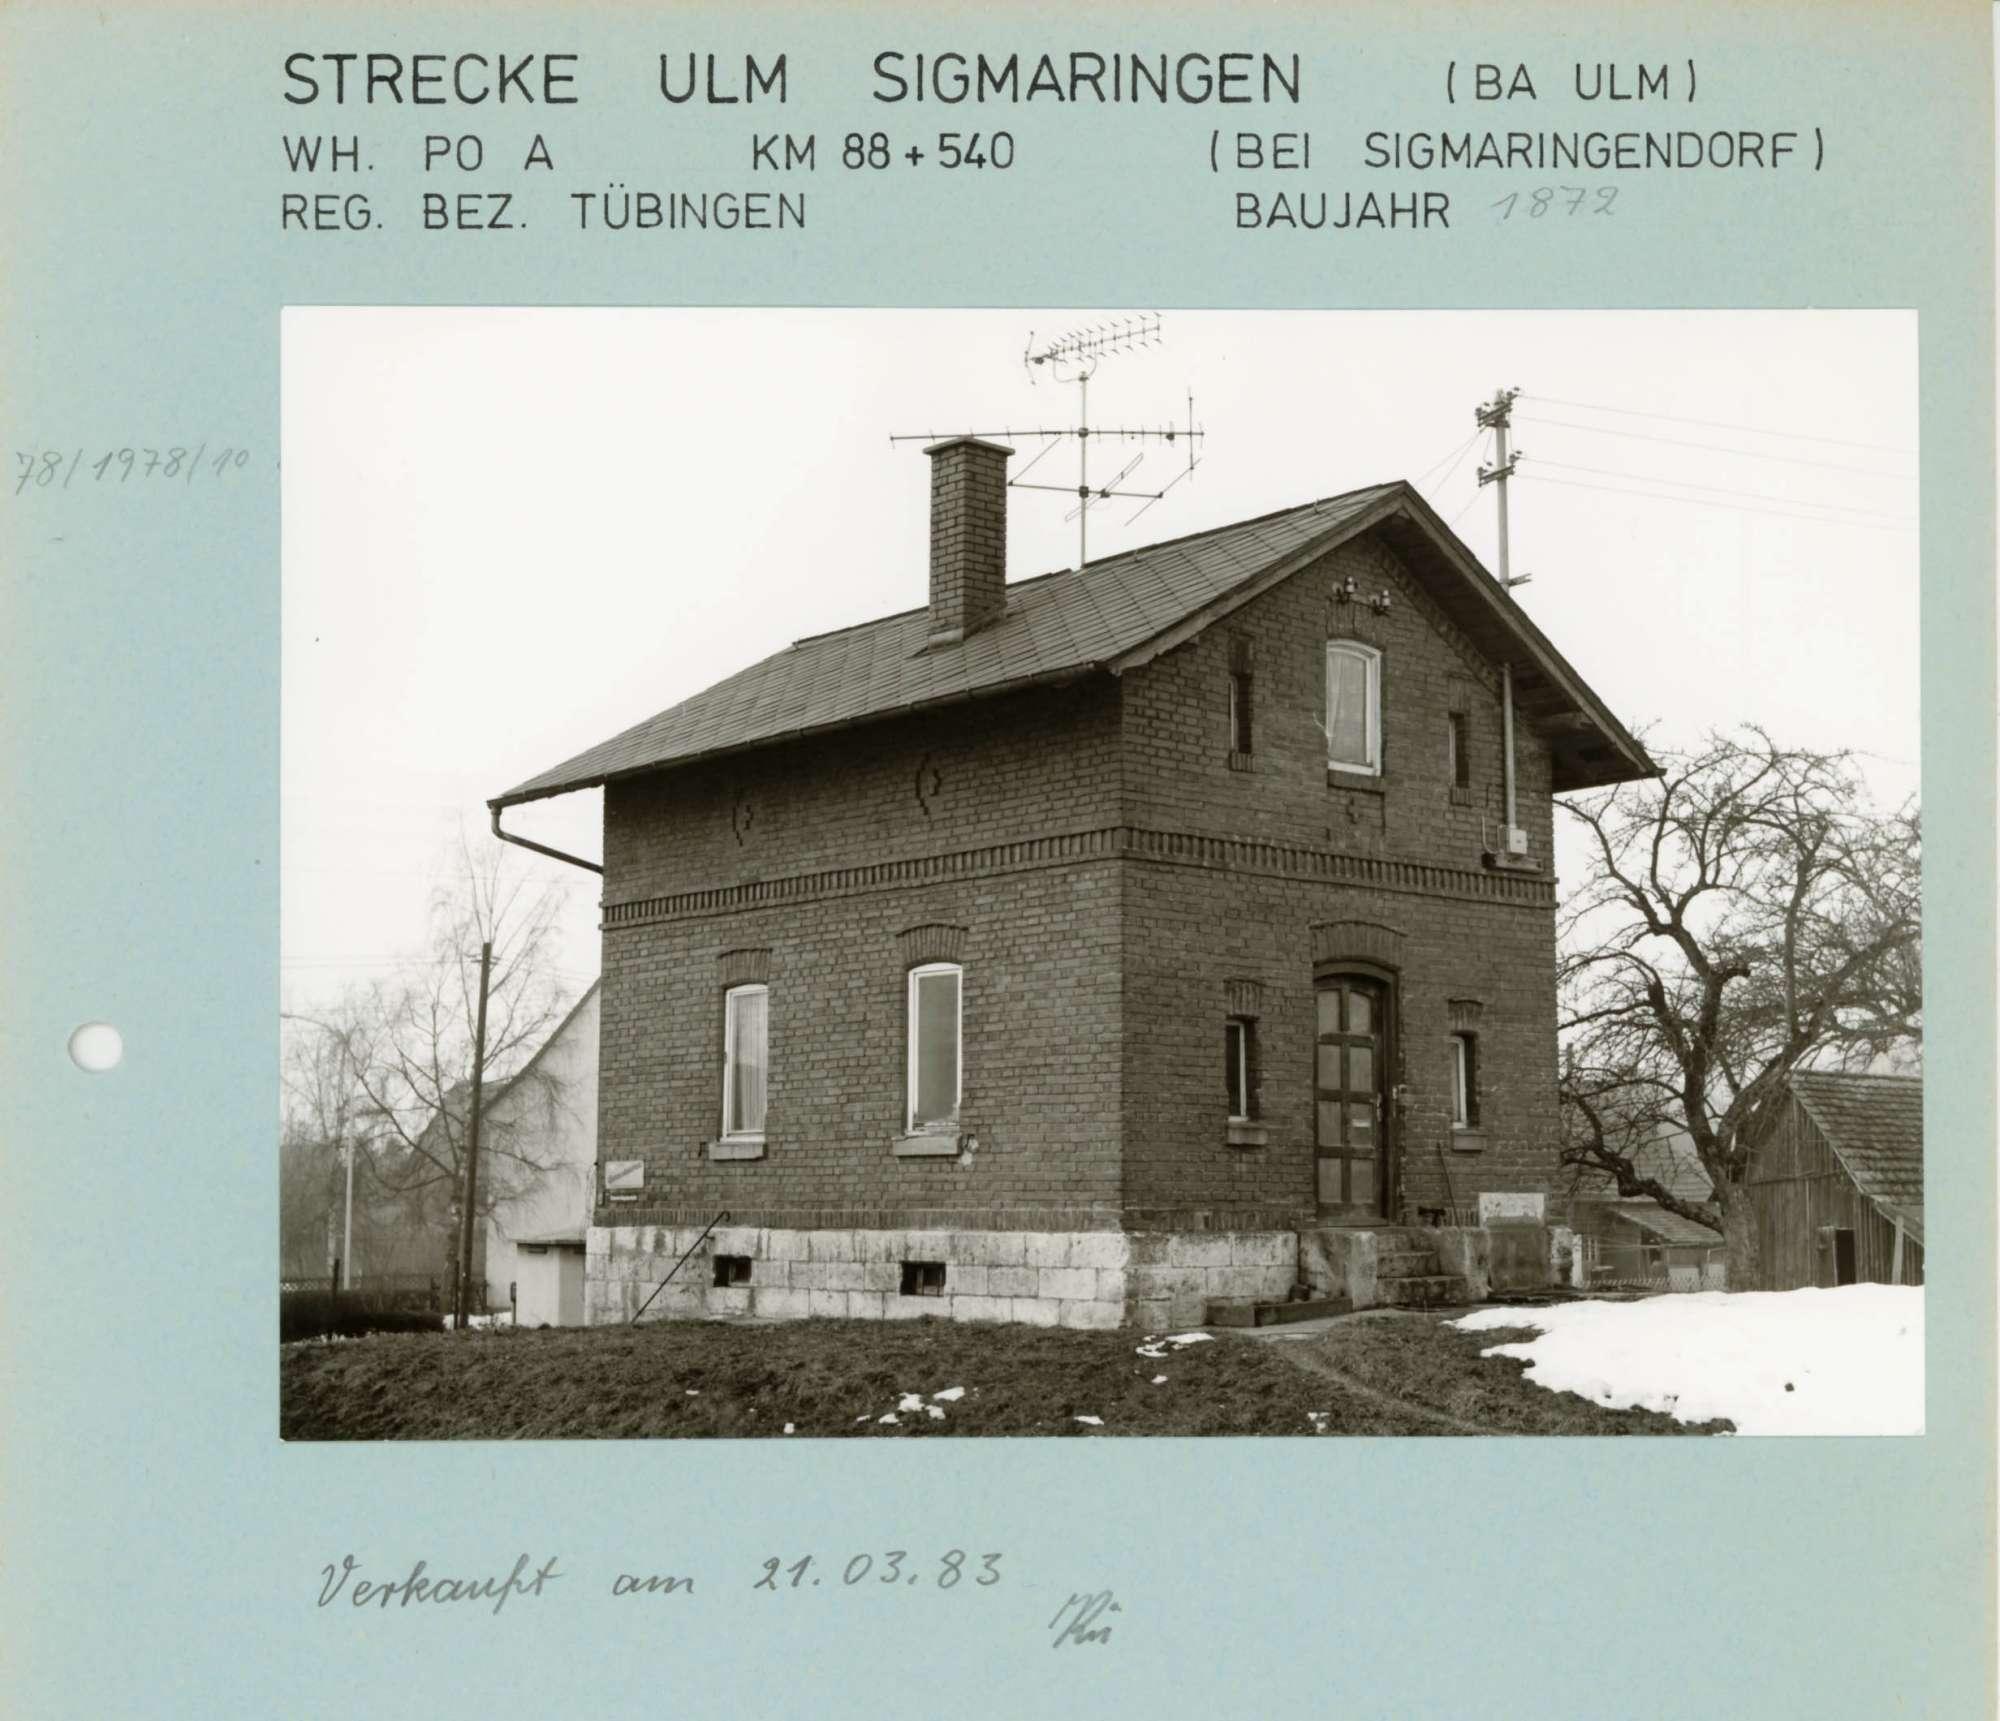 Sigmaringendorf: 3 Fotos, Bild 3